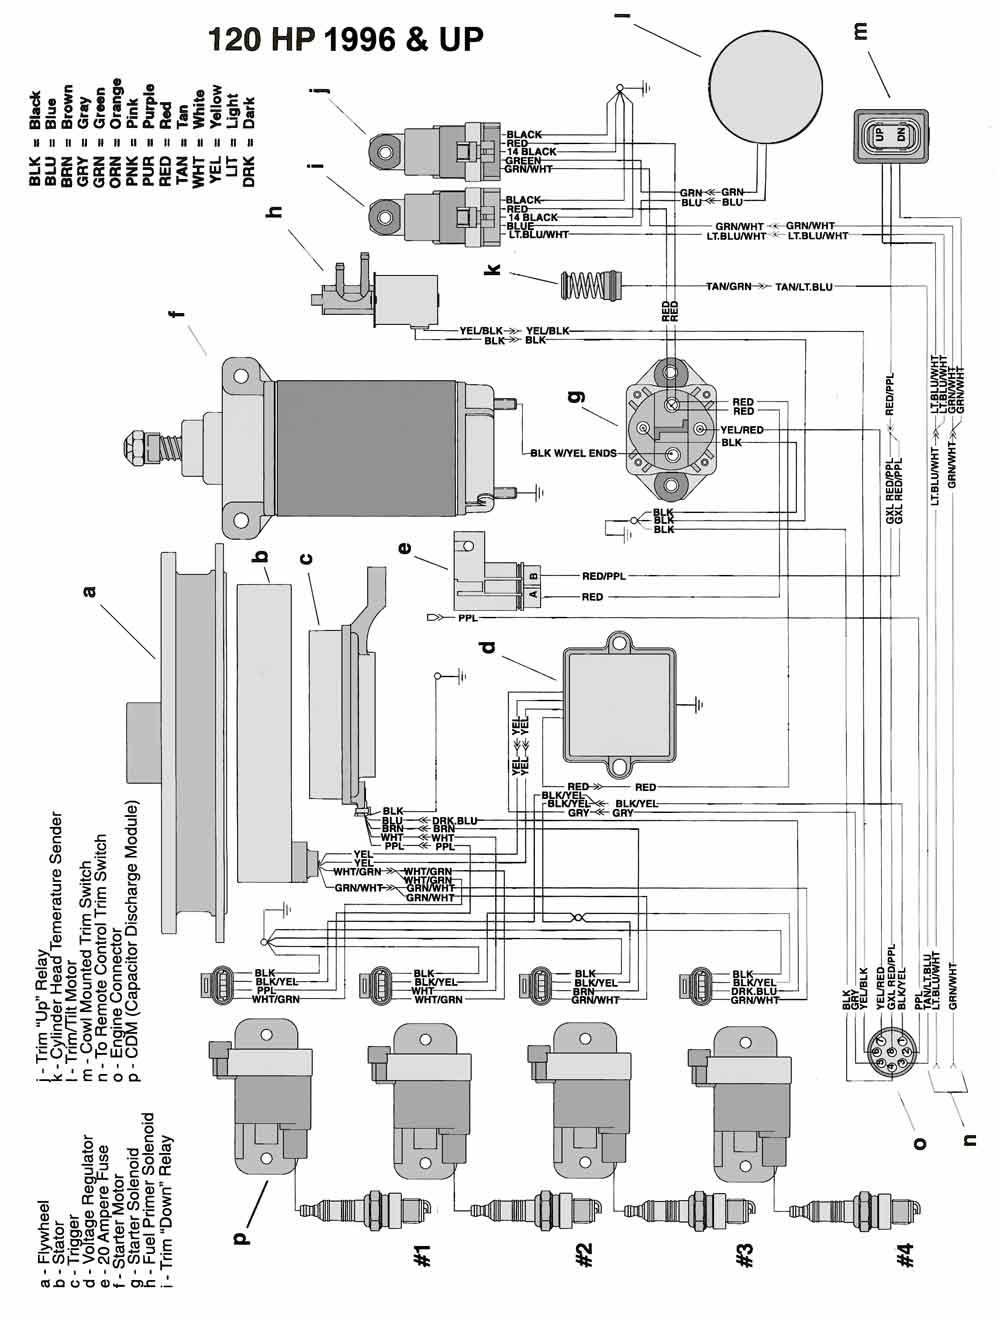 Mercruiser Wiring Diagram Hecho - Wiring Diagram G11 on